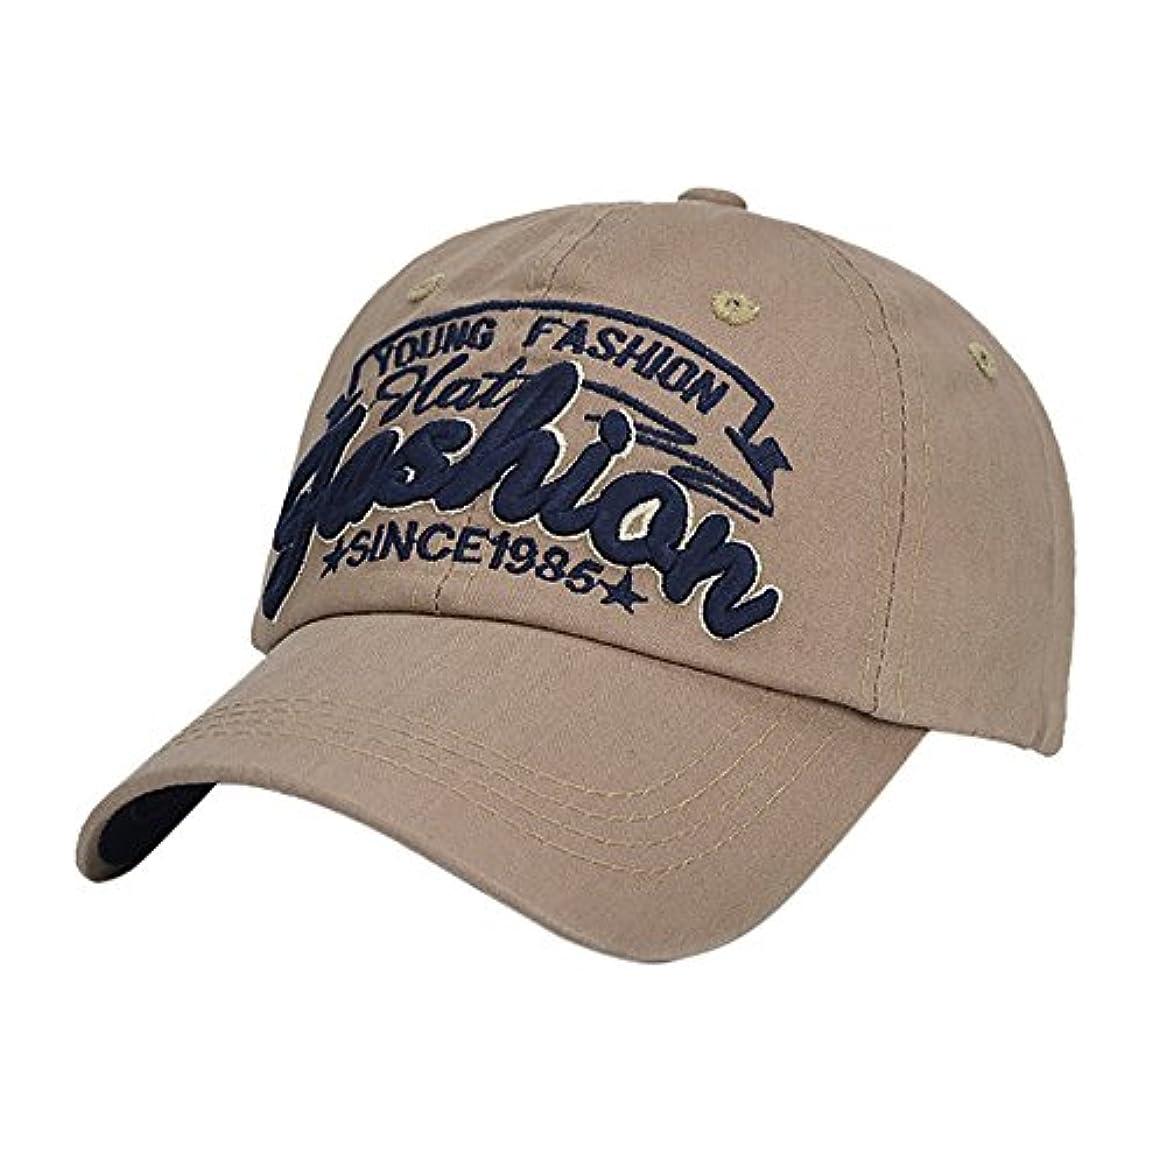 ハックタワーまぶしさRacazing Cap ヒップホップ 野球帽 ストリートダンス 夏 登山 通気性のある 帽子 パール ビーディング 可調整可能 日焼け止め 棒球帽 UV 帽子 軽量 屋外 女性向 Hat (コーヒー)